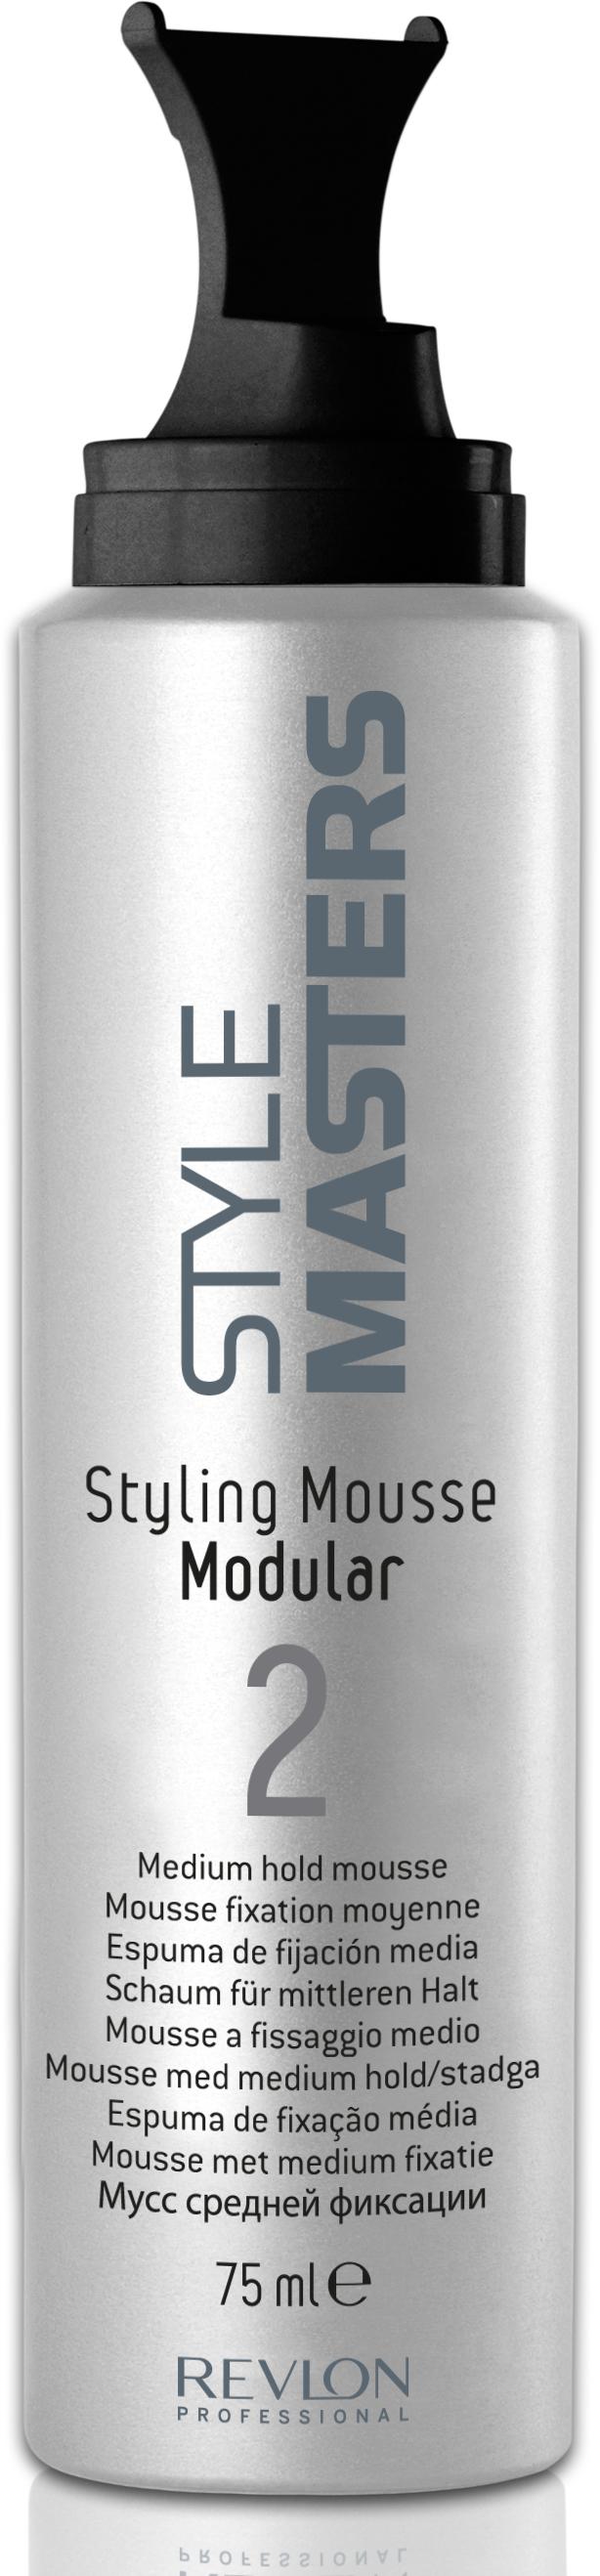 REVLON Professional Мусс для волос / MOUSSE MODULAR 75 мл